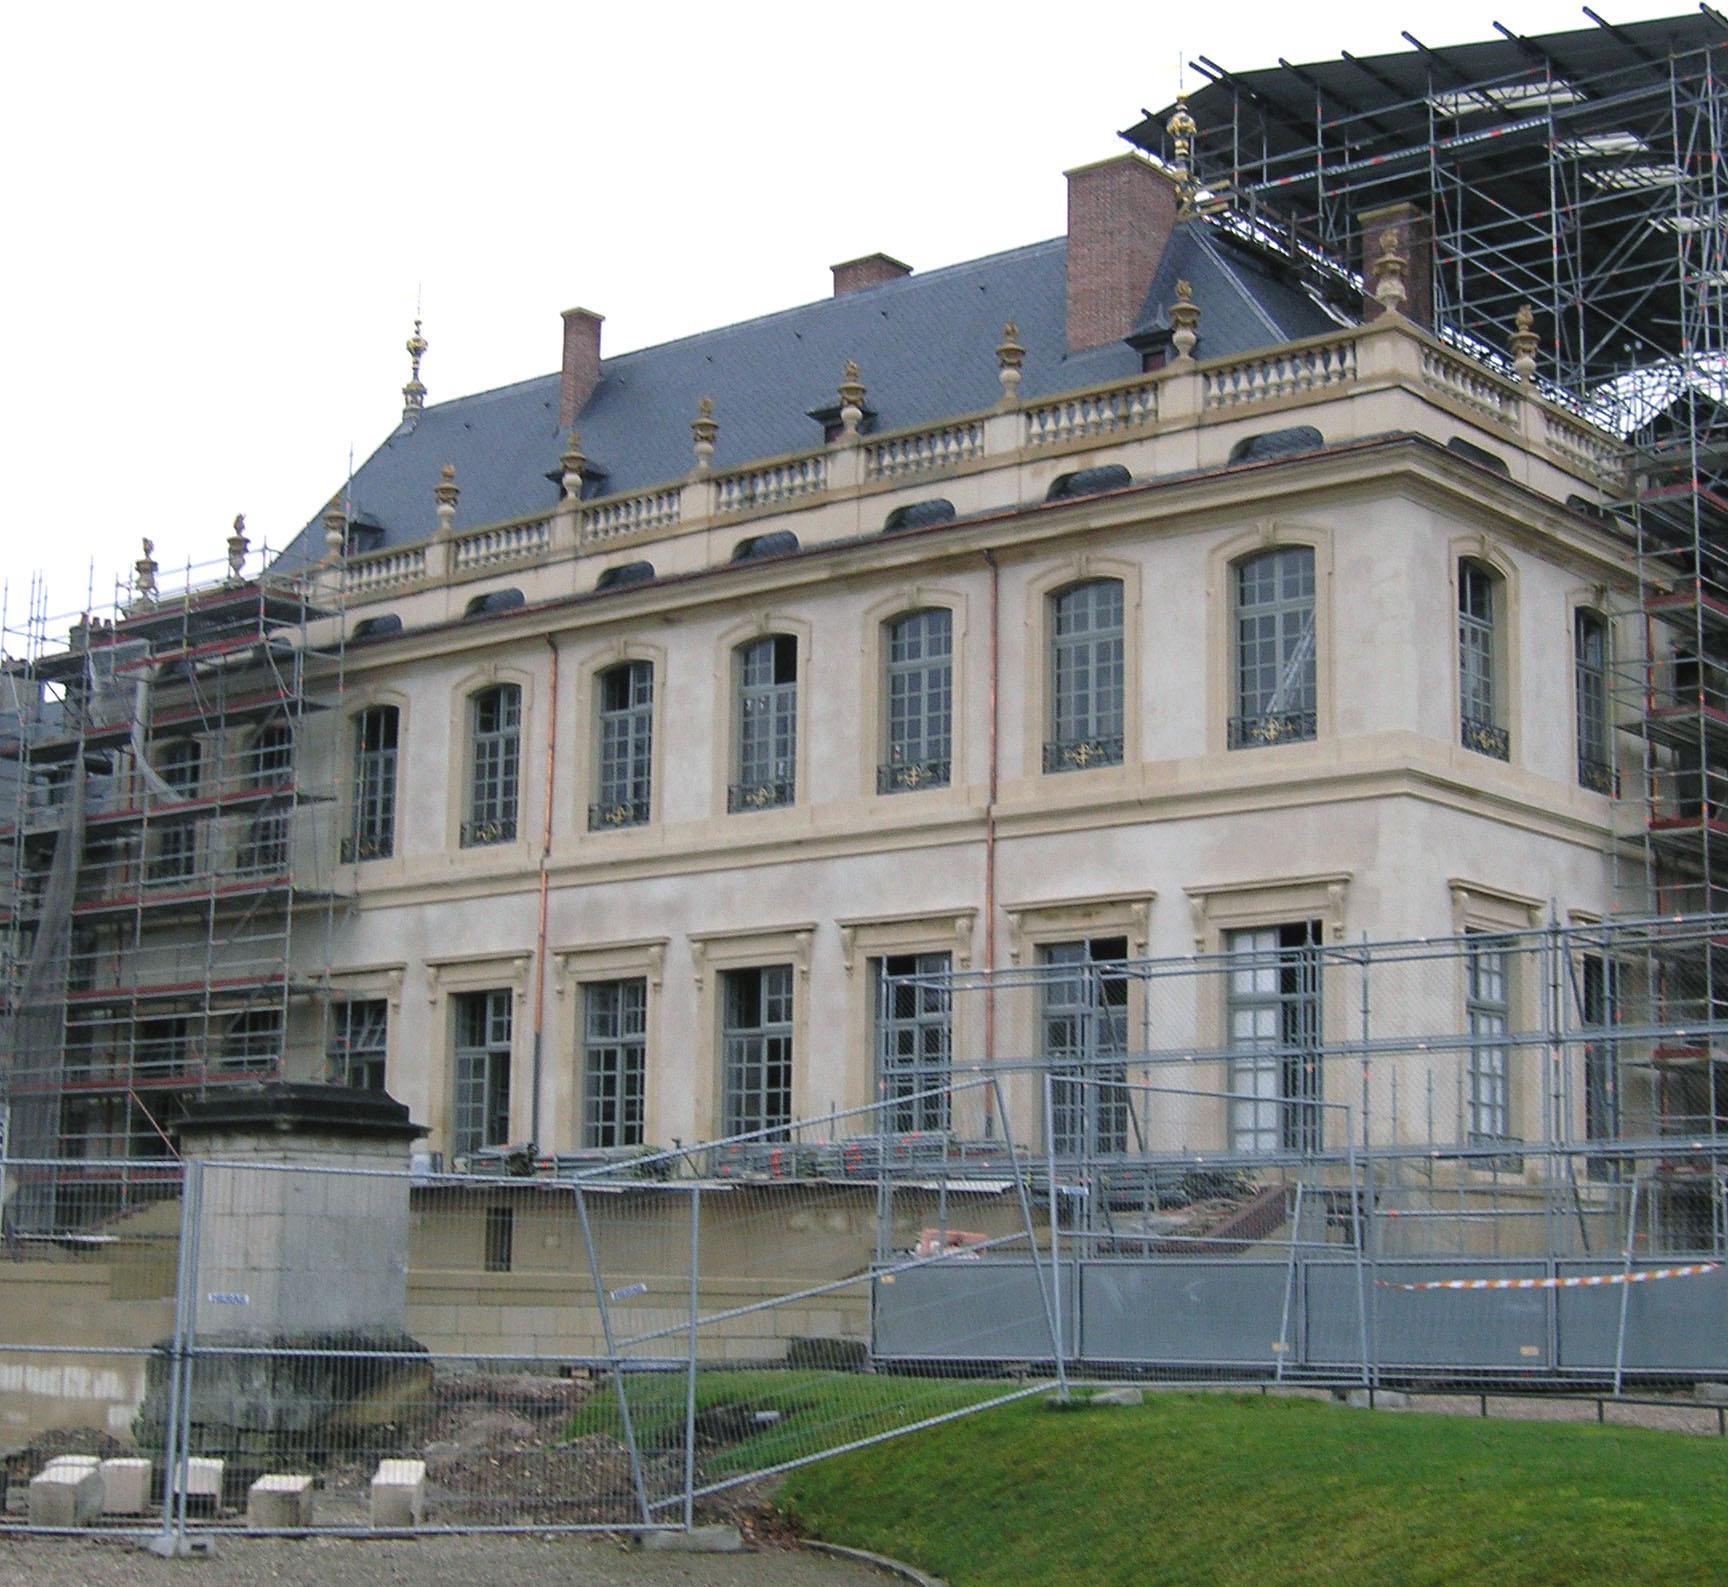 Agence Caillault ACMH – Palais ducal – Luneville – Chantier de restauration des façades